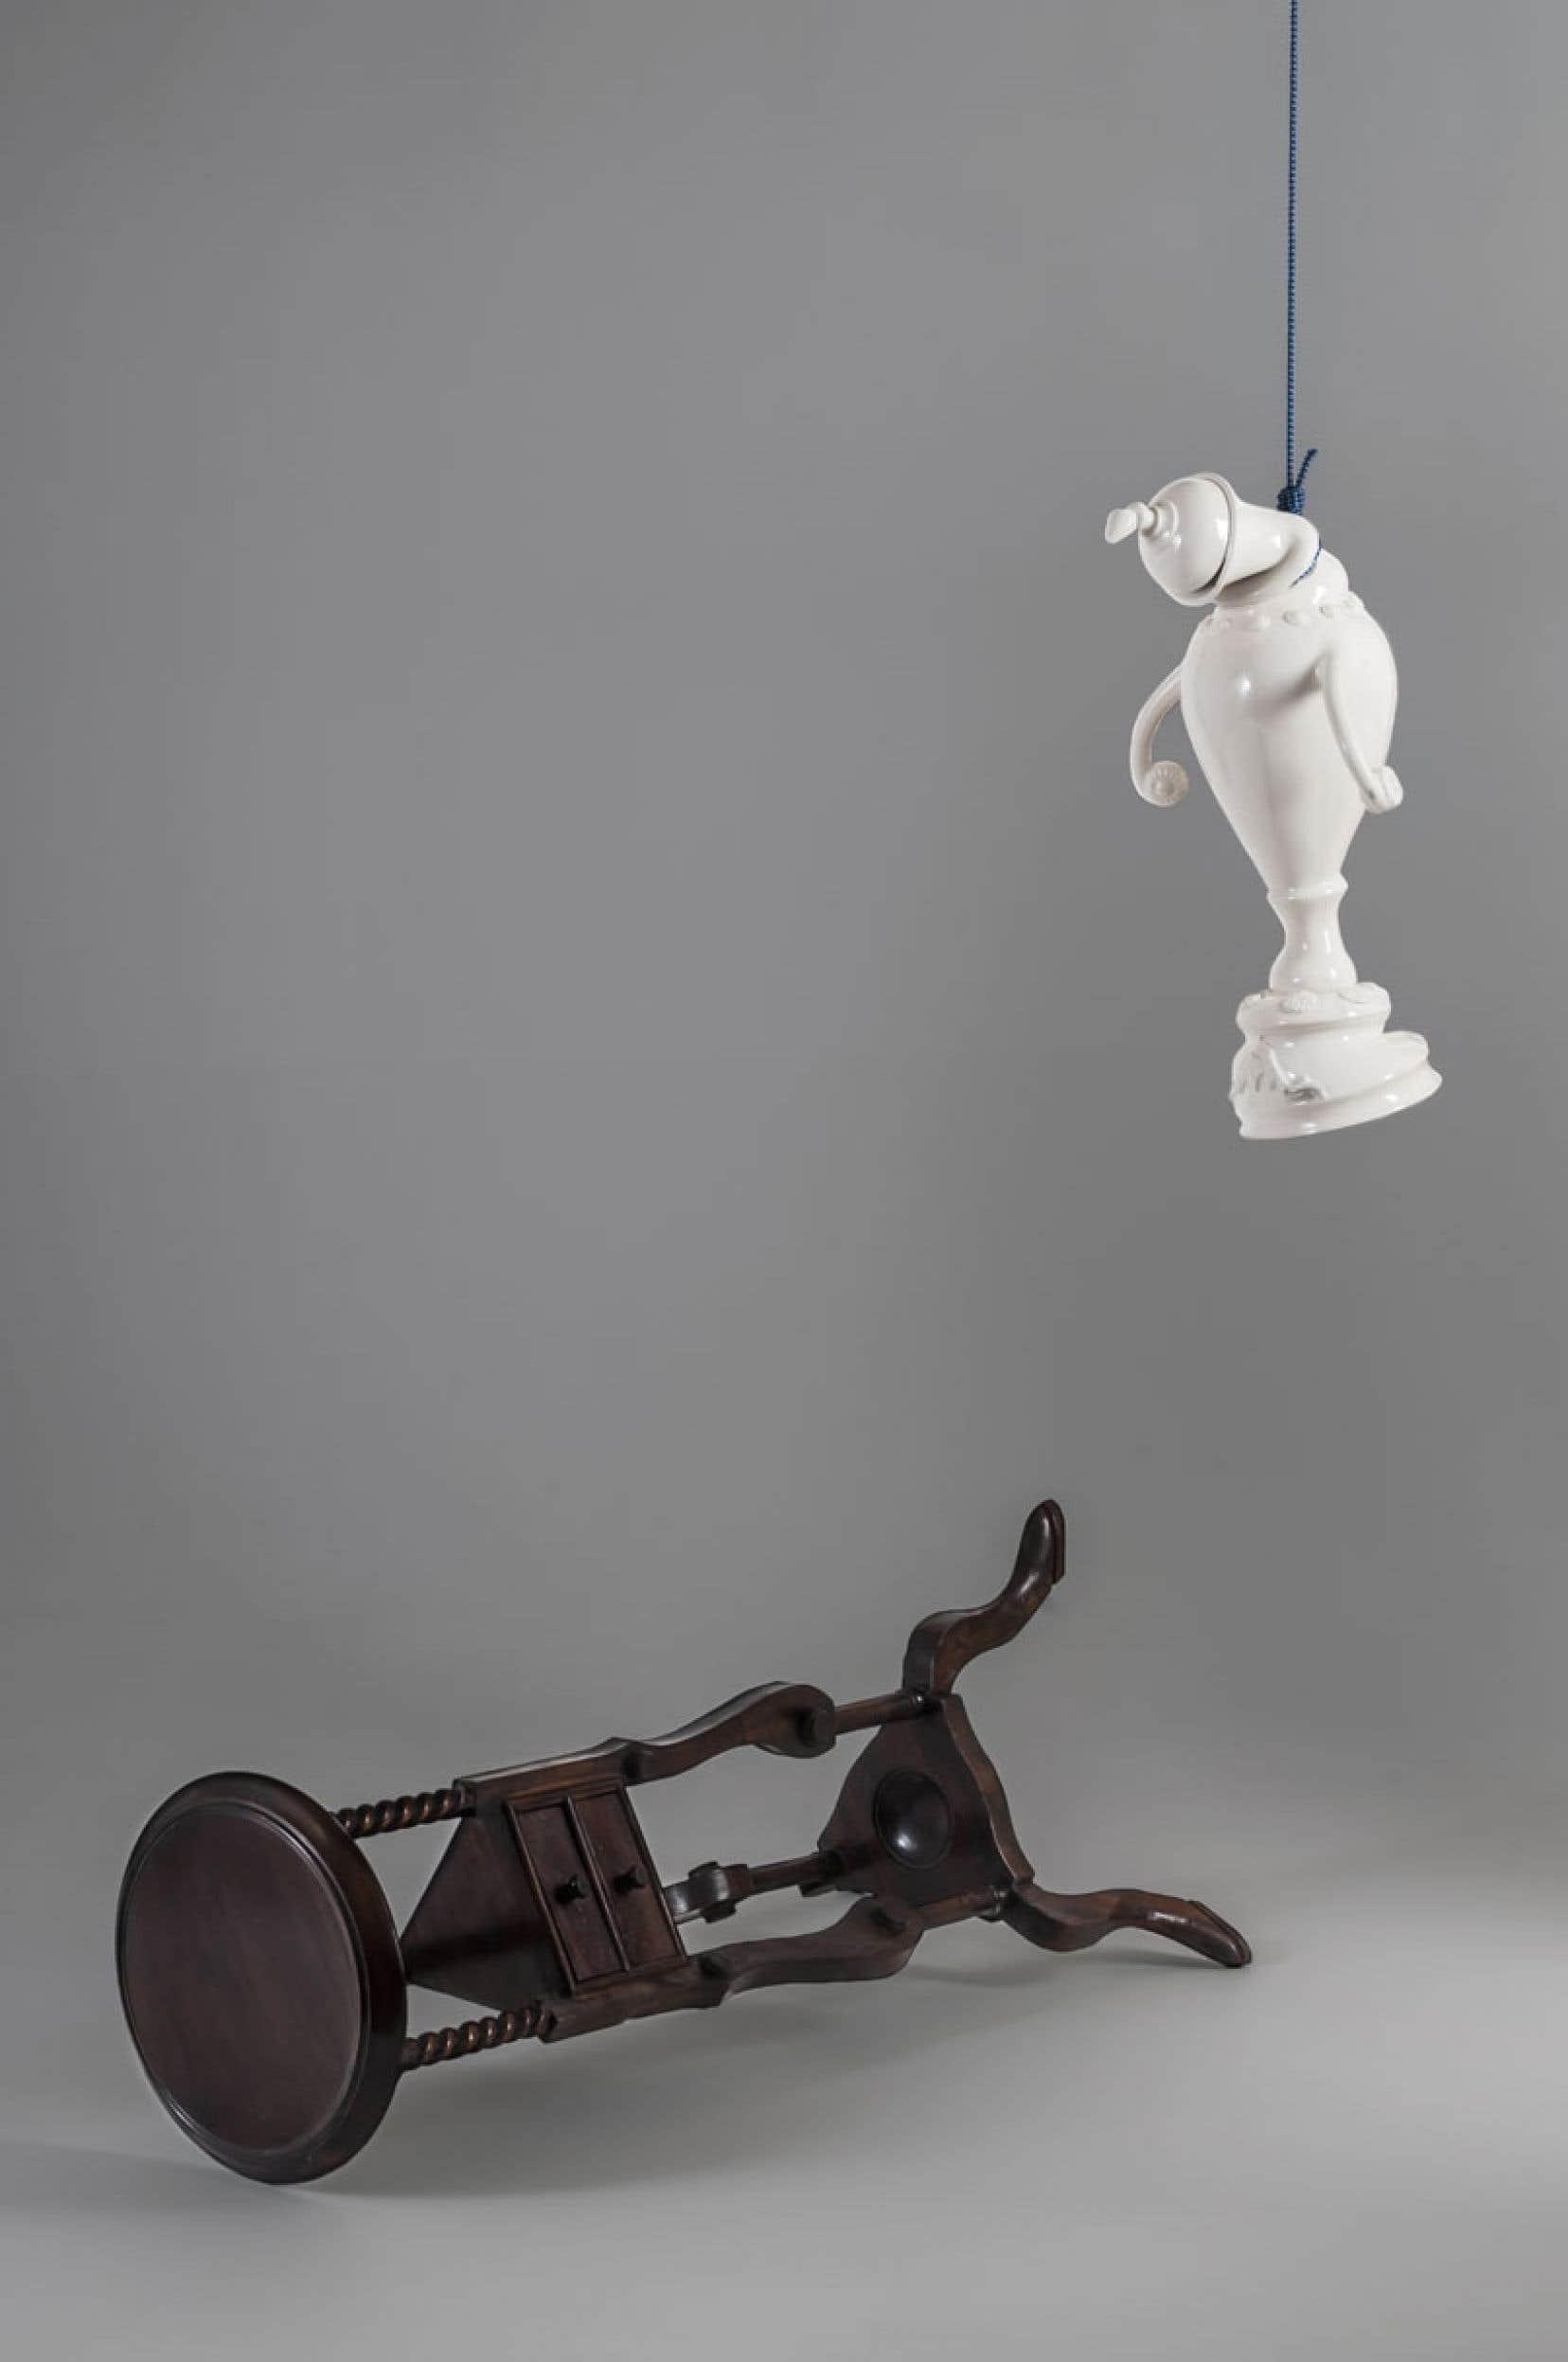 Laurent Craste, La fin d'une potiche II, 2012-13.